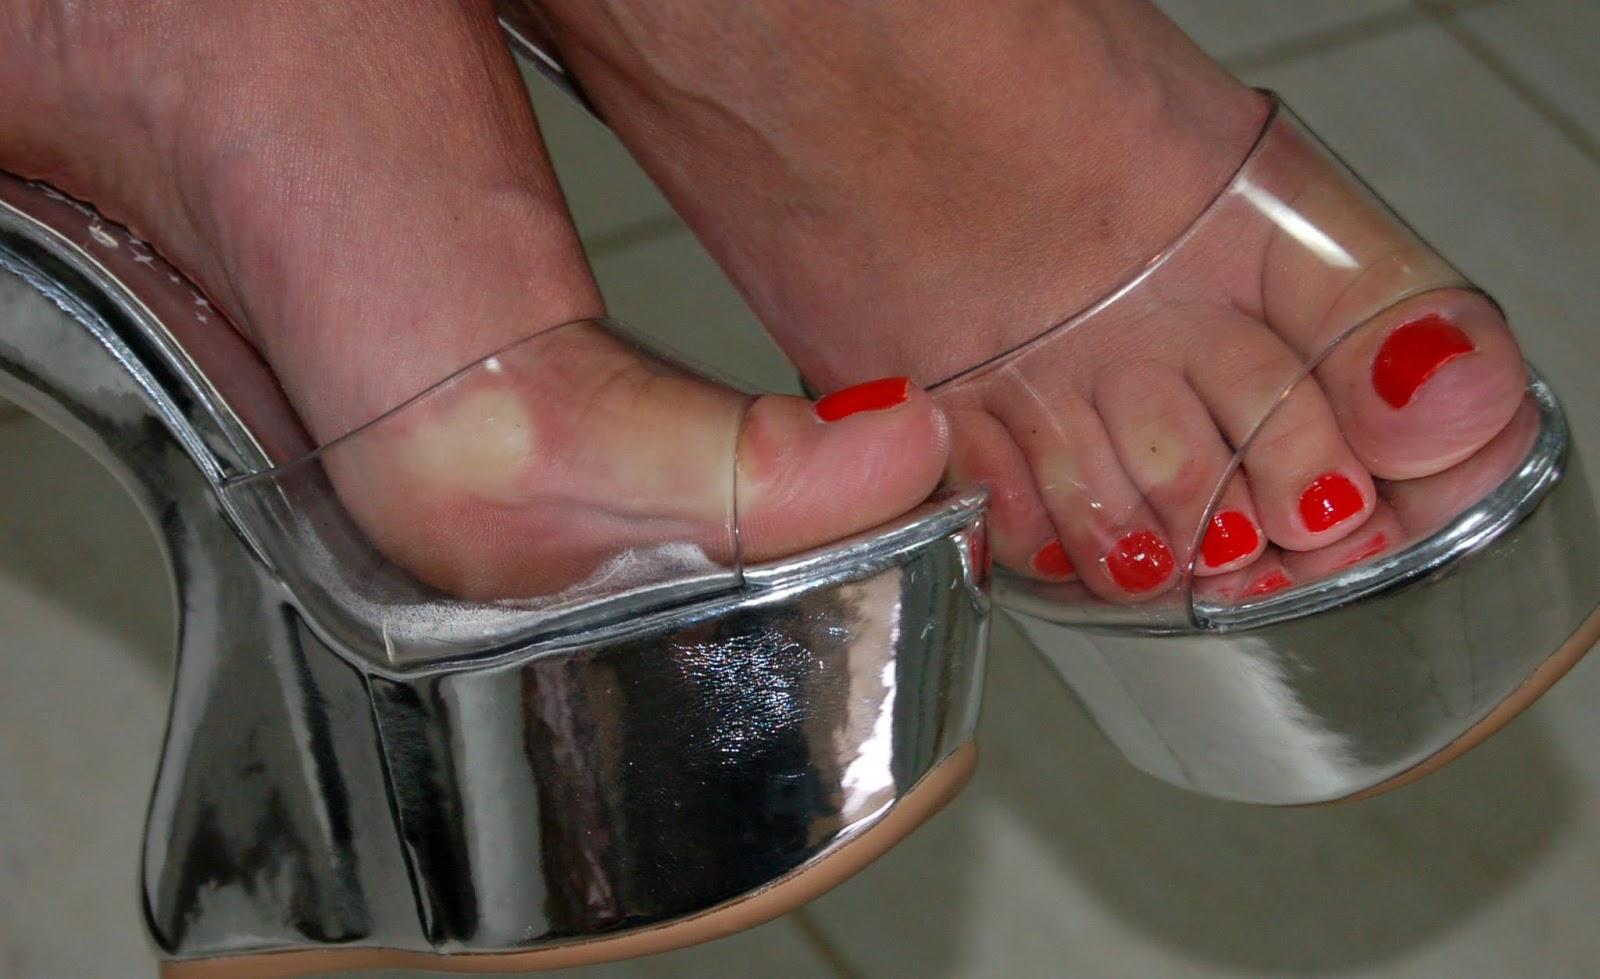 Pezinhos de peep toe nude alto de plataforma e meia calca - 2 8